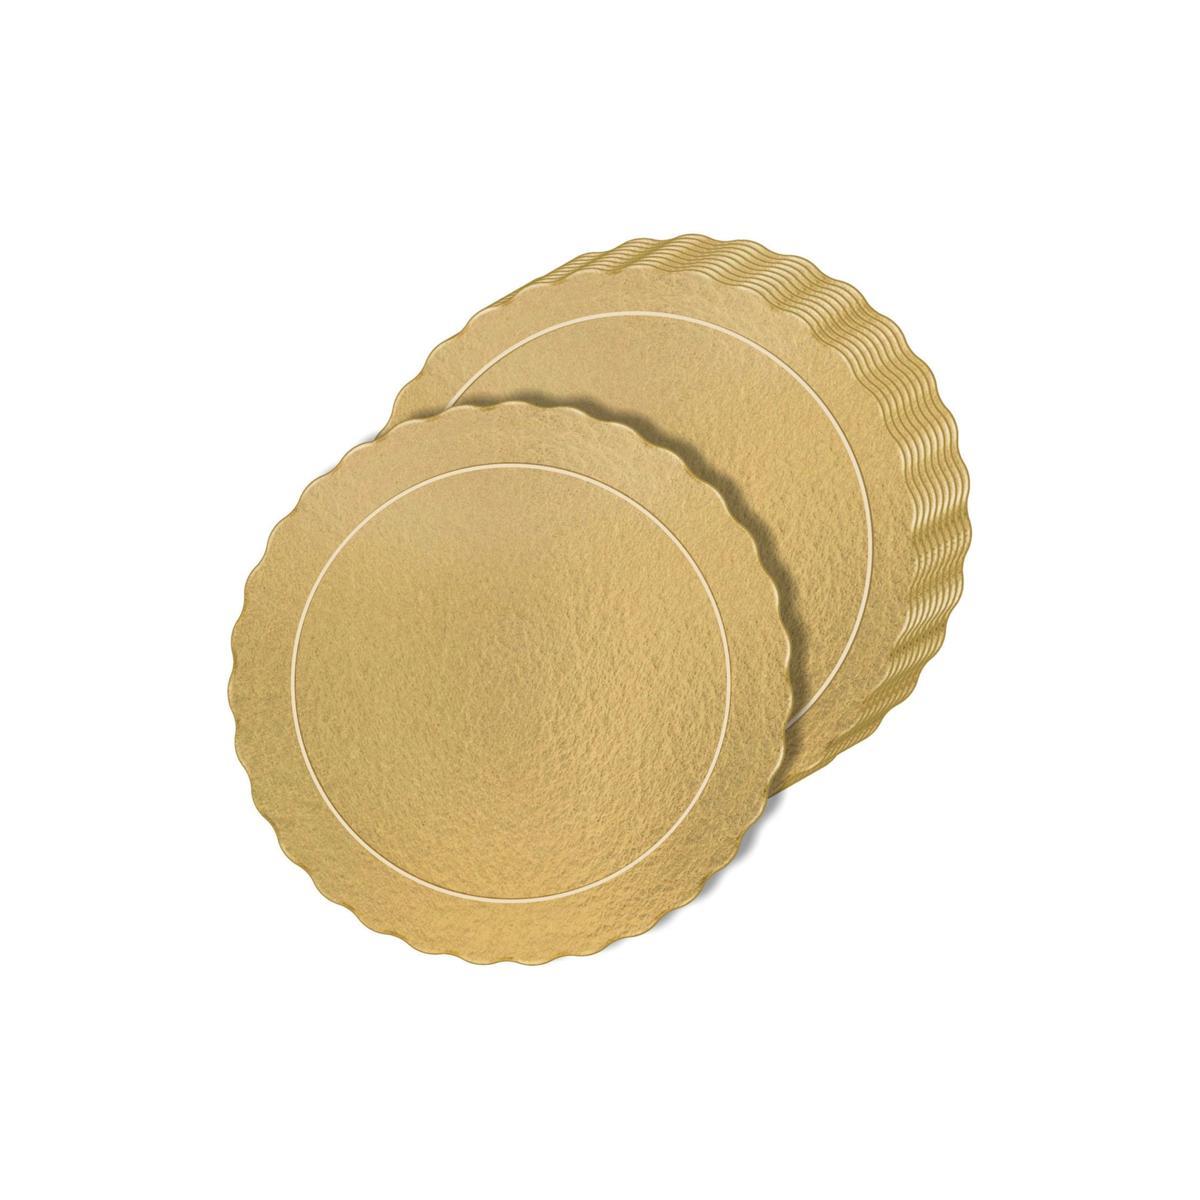 50 Bases Laminadas Para Bolo Redondo, Cake Board 24cm